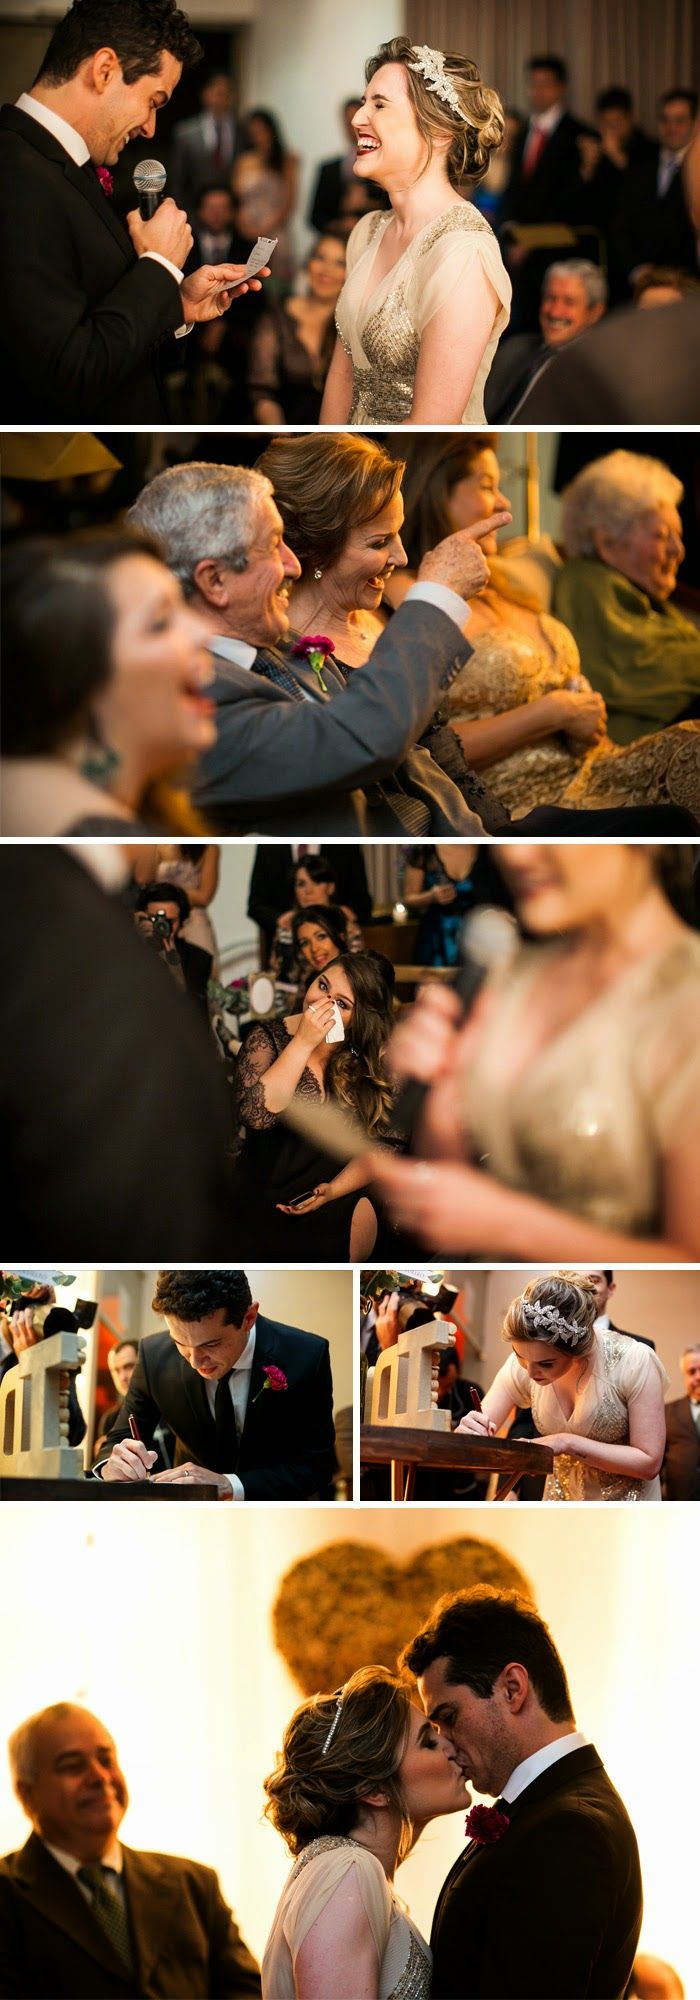 """Detalhes do meu casamento - parte 1 """"A Cerimônia"""" » Chata de Galocha!   Lu Ferreira"""